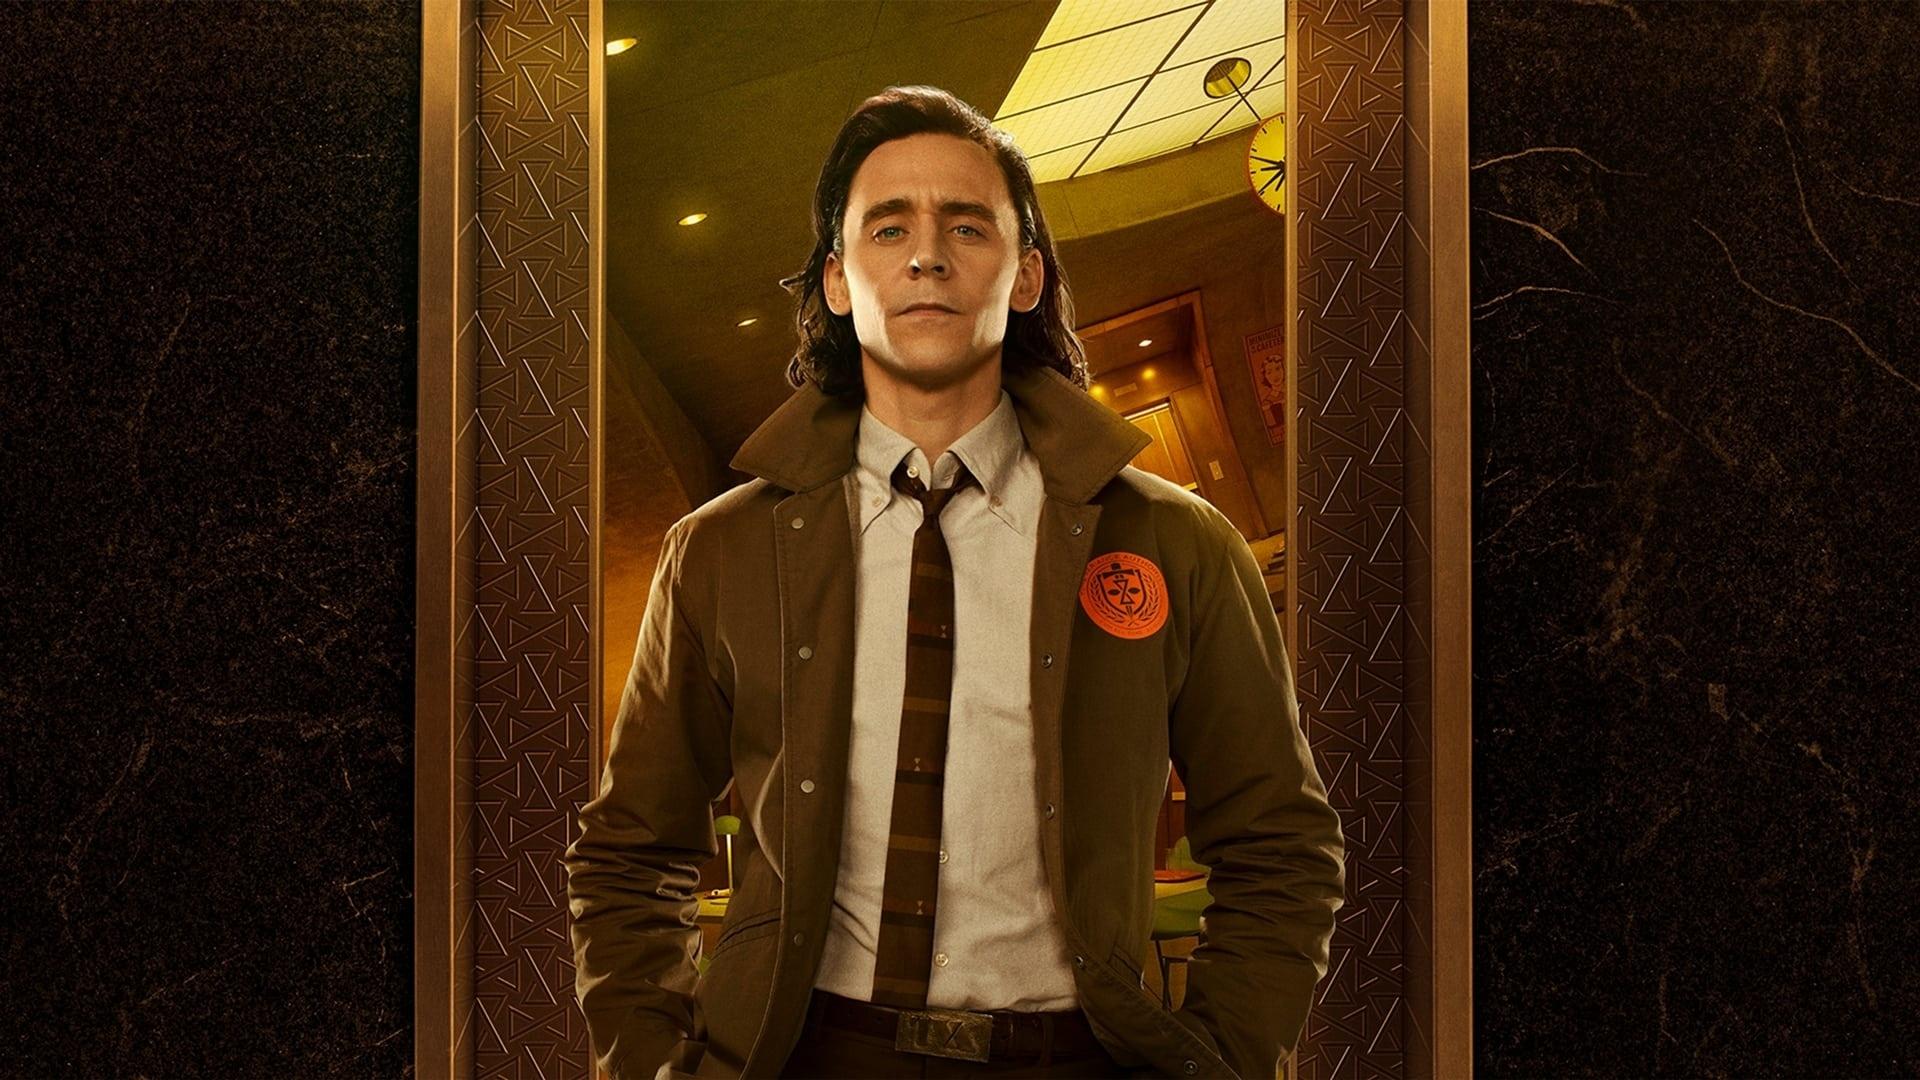 Loki windows background